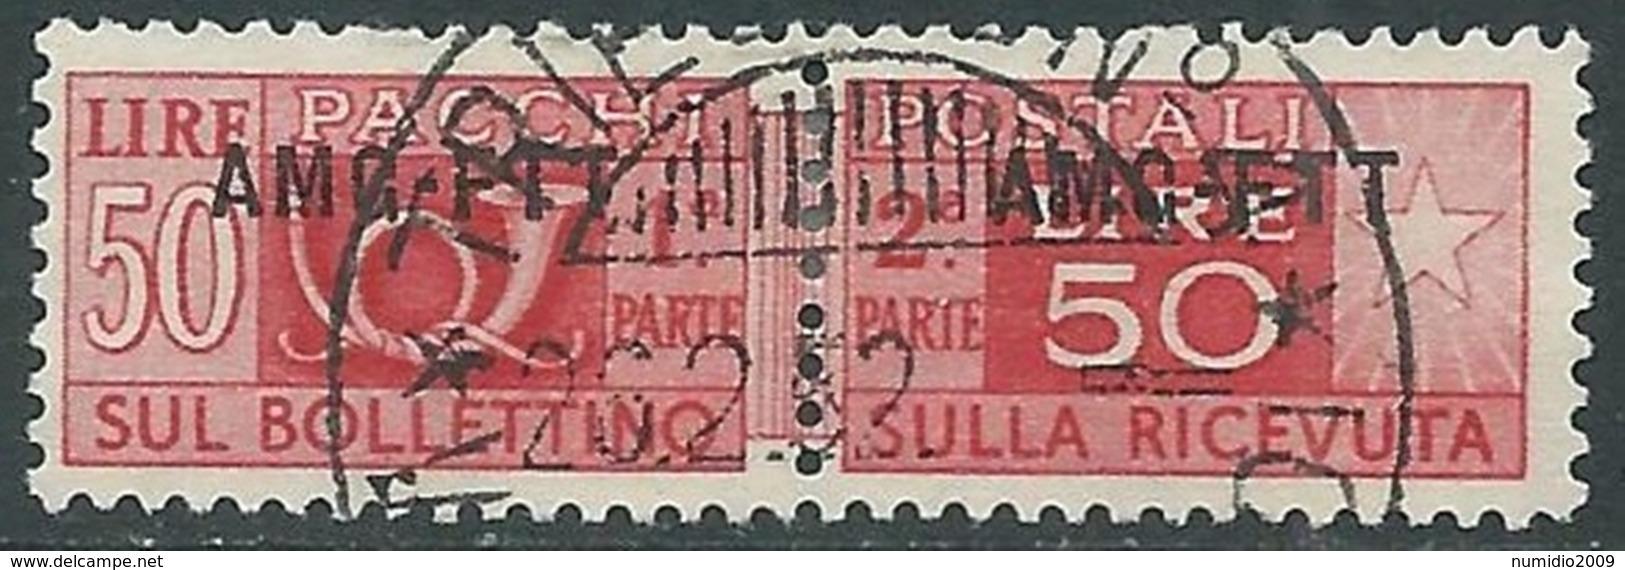 1949-53 TRIESTE A PACCHI POSTALI USATO 50 LIRE - RA28-8 - Pacchi Postali/in Concessione